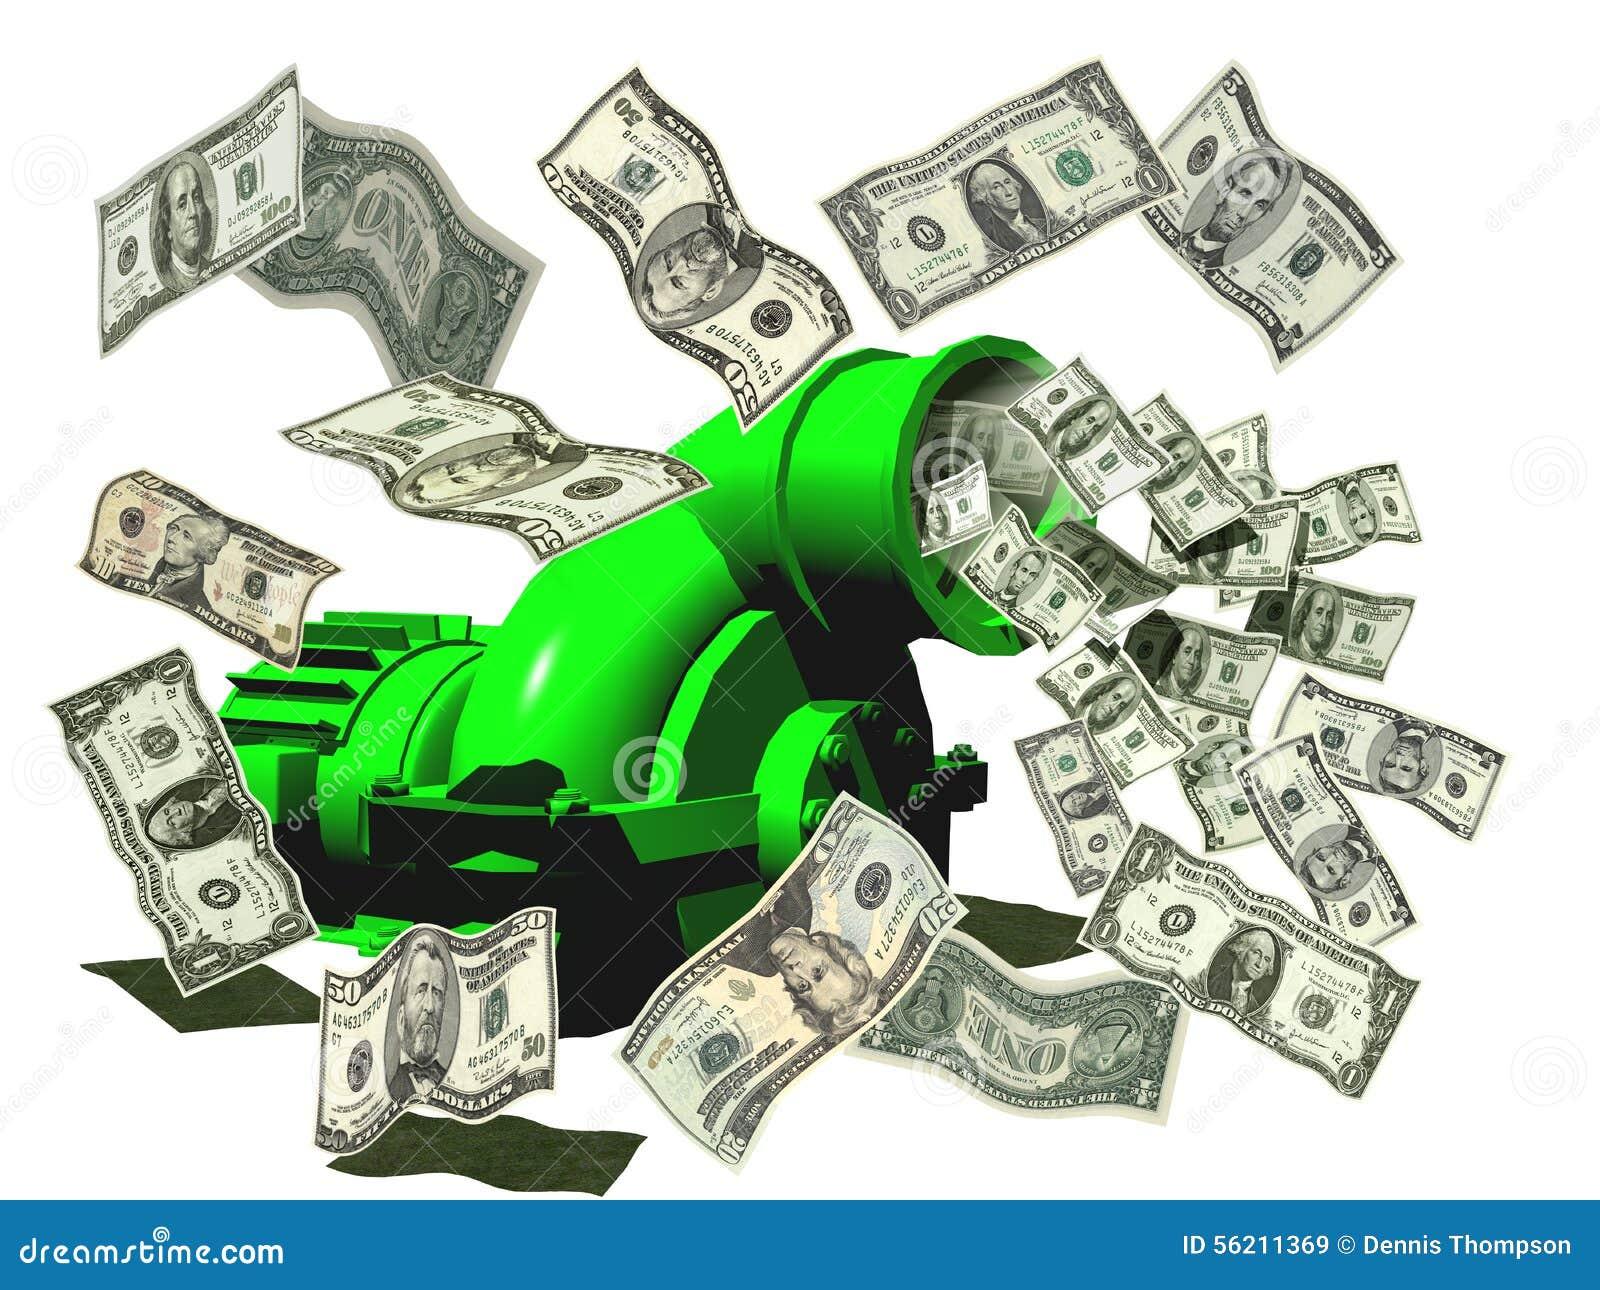 MONEY MAKING MACHINE, ESTATE WEALTH FINANCIAL PLANNING